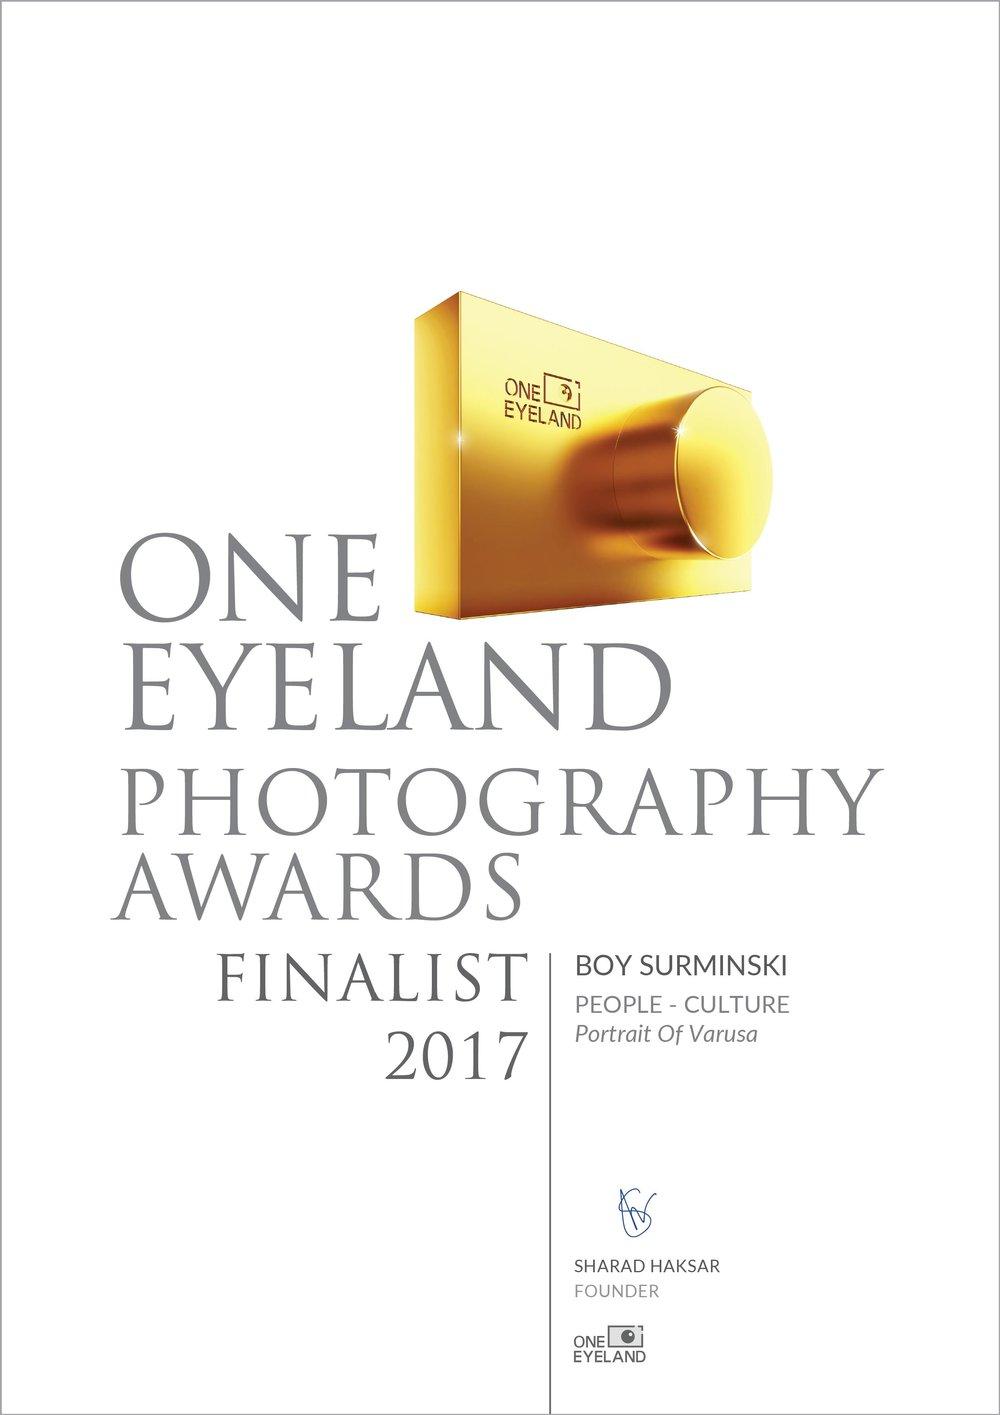 boysurminski-finalist-people-culture-page-001.jpg